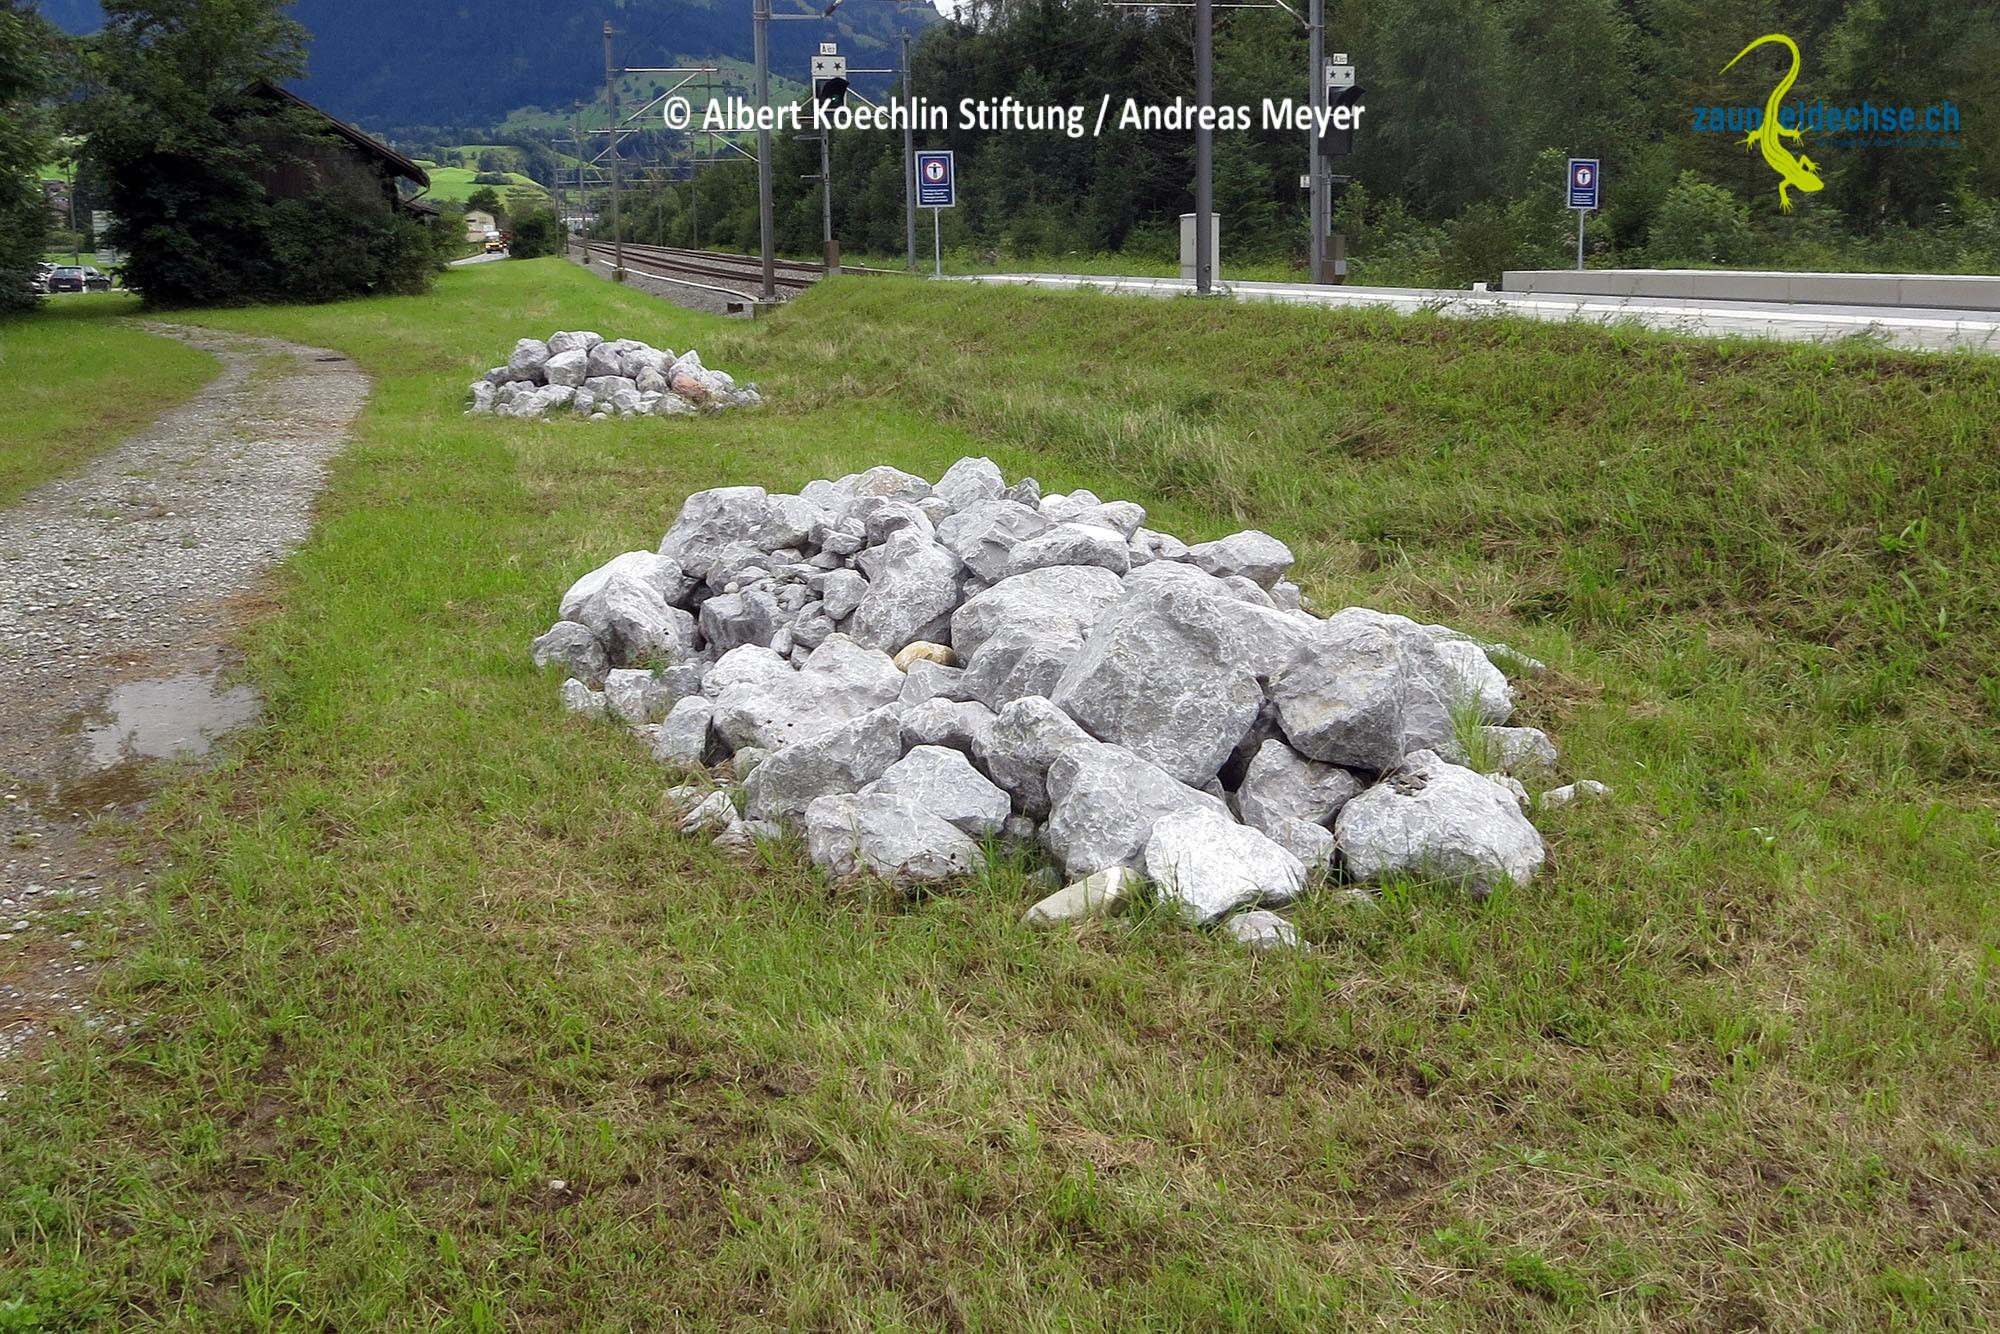 Diesen Steinhaufen fehlt ein Altgras- oder Krautsaum, und auch die weitere Umgebung ist zu strukturarm, um einen attraktiven Lebensraum zu bilden. Hier werden sich kaum Eidechsen ansiedeln.